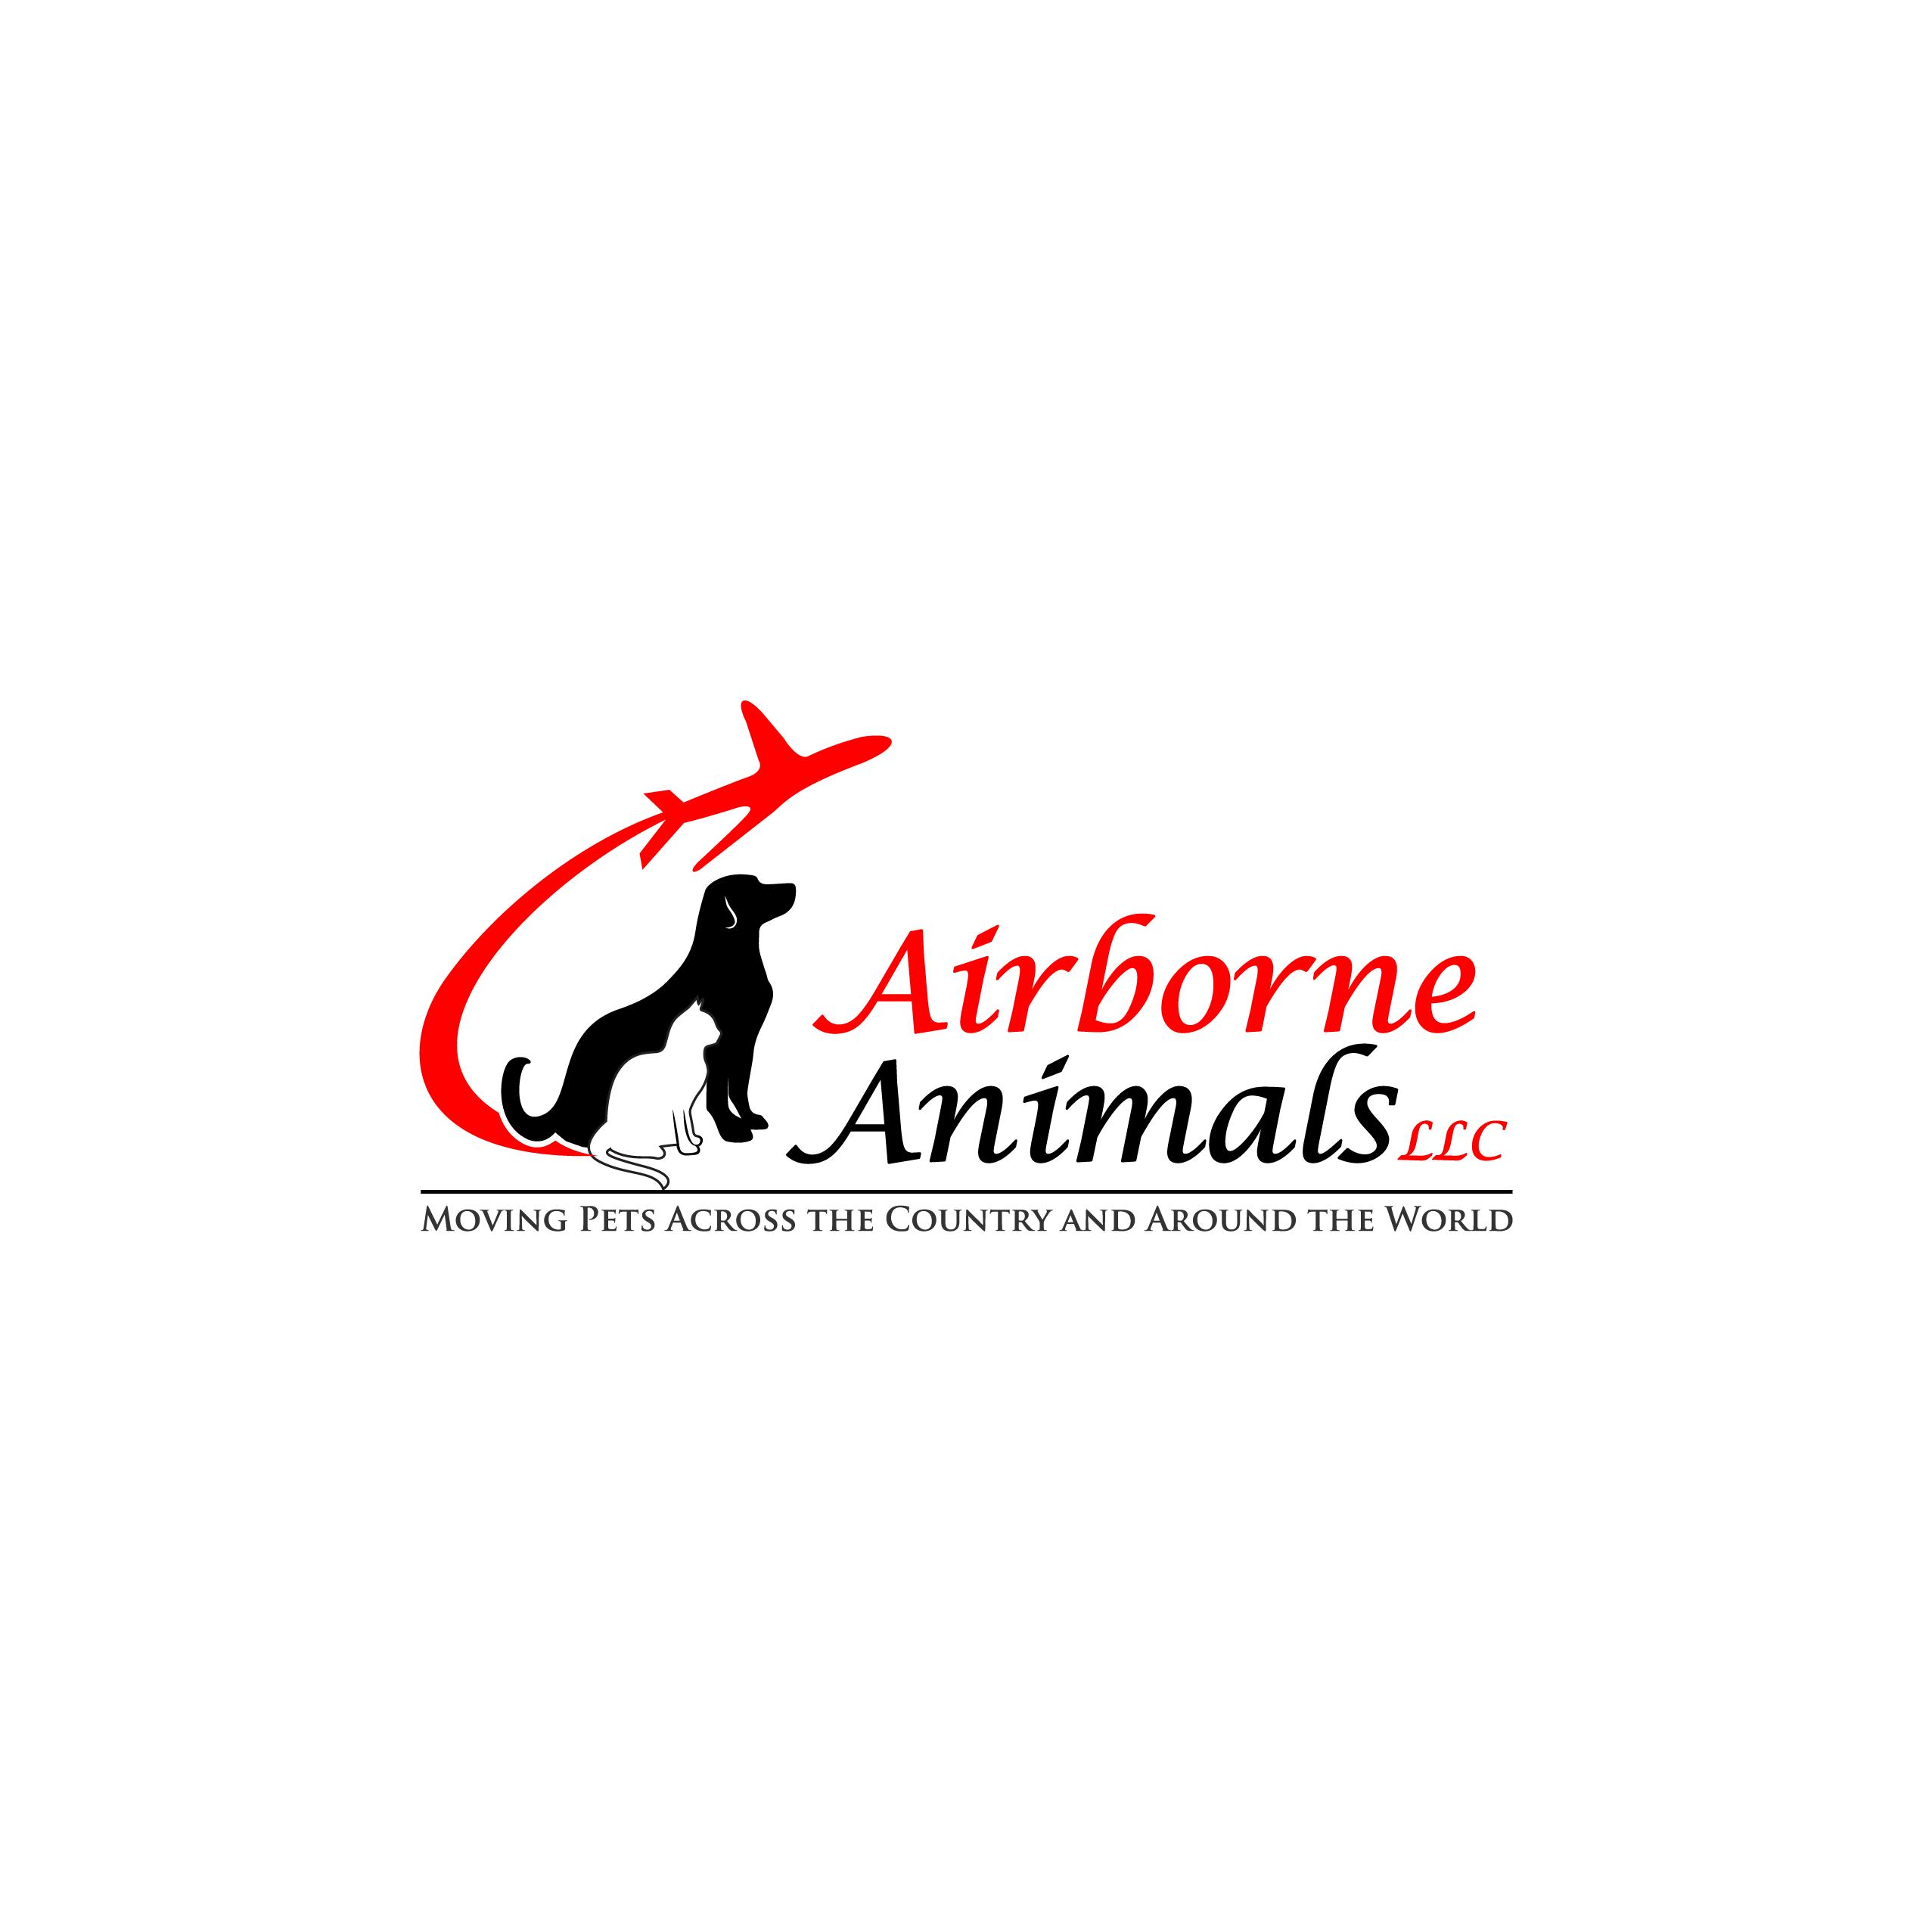 Airborne Animals, LLC - Blairstown, NJ - Pet Stores & Supplies